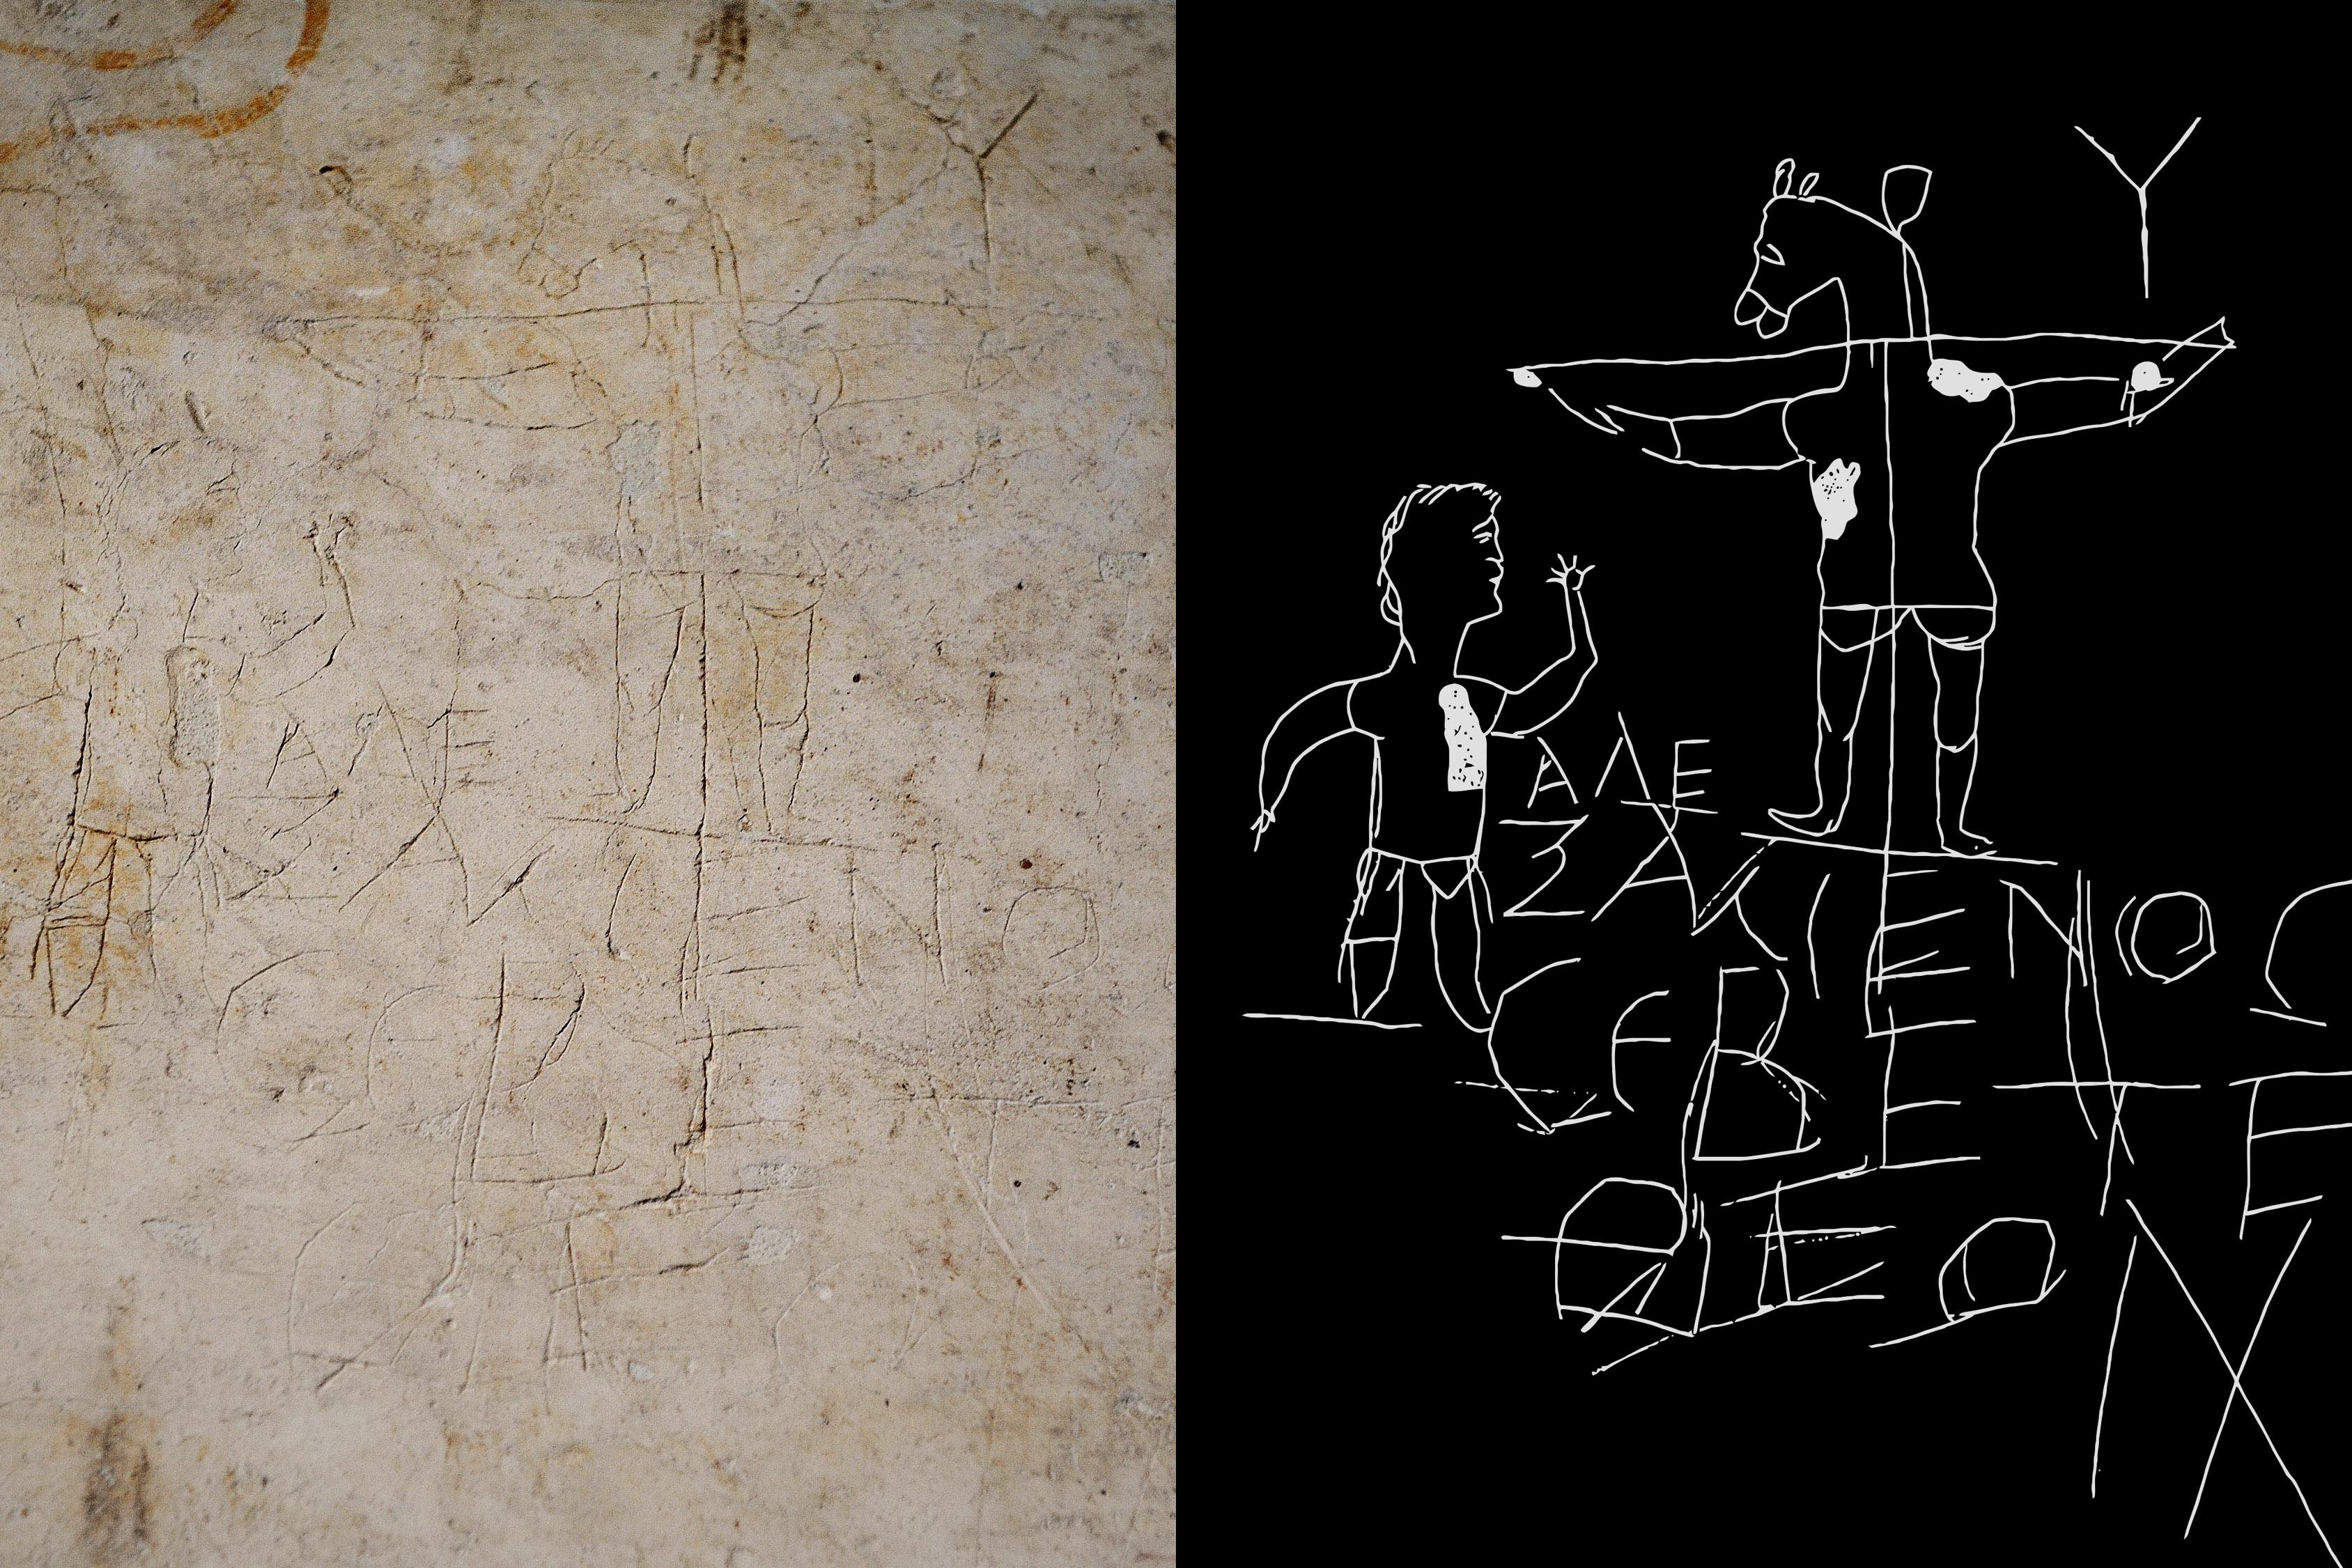 """En ella se ve a una persona frente a un crucificado con cabeza de asno, junto a la inscripción """"Alexámenos adorando a su dios""""."""